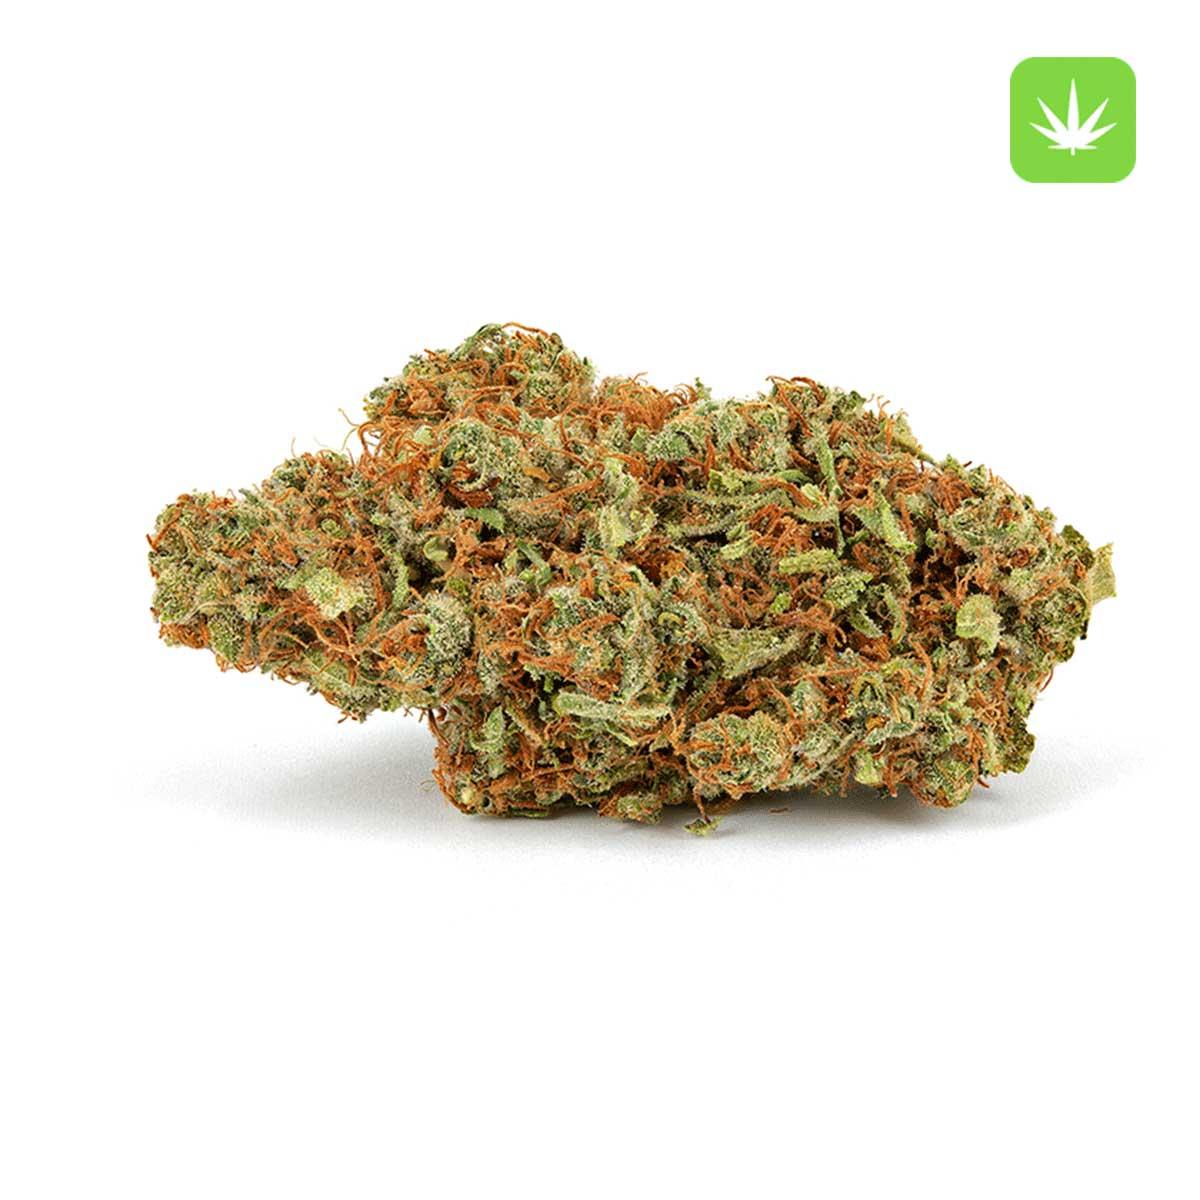 Death Star Cannabis Avenue 1 4